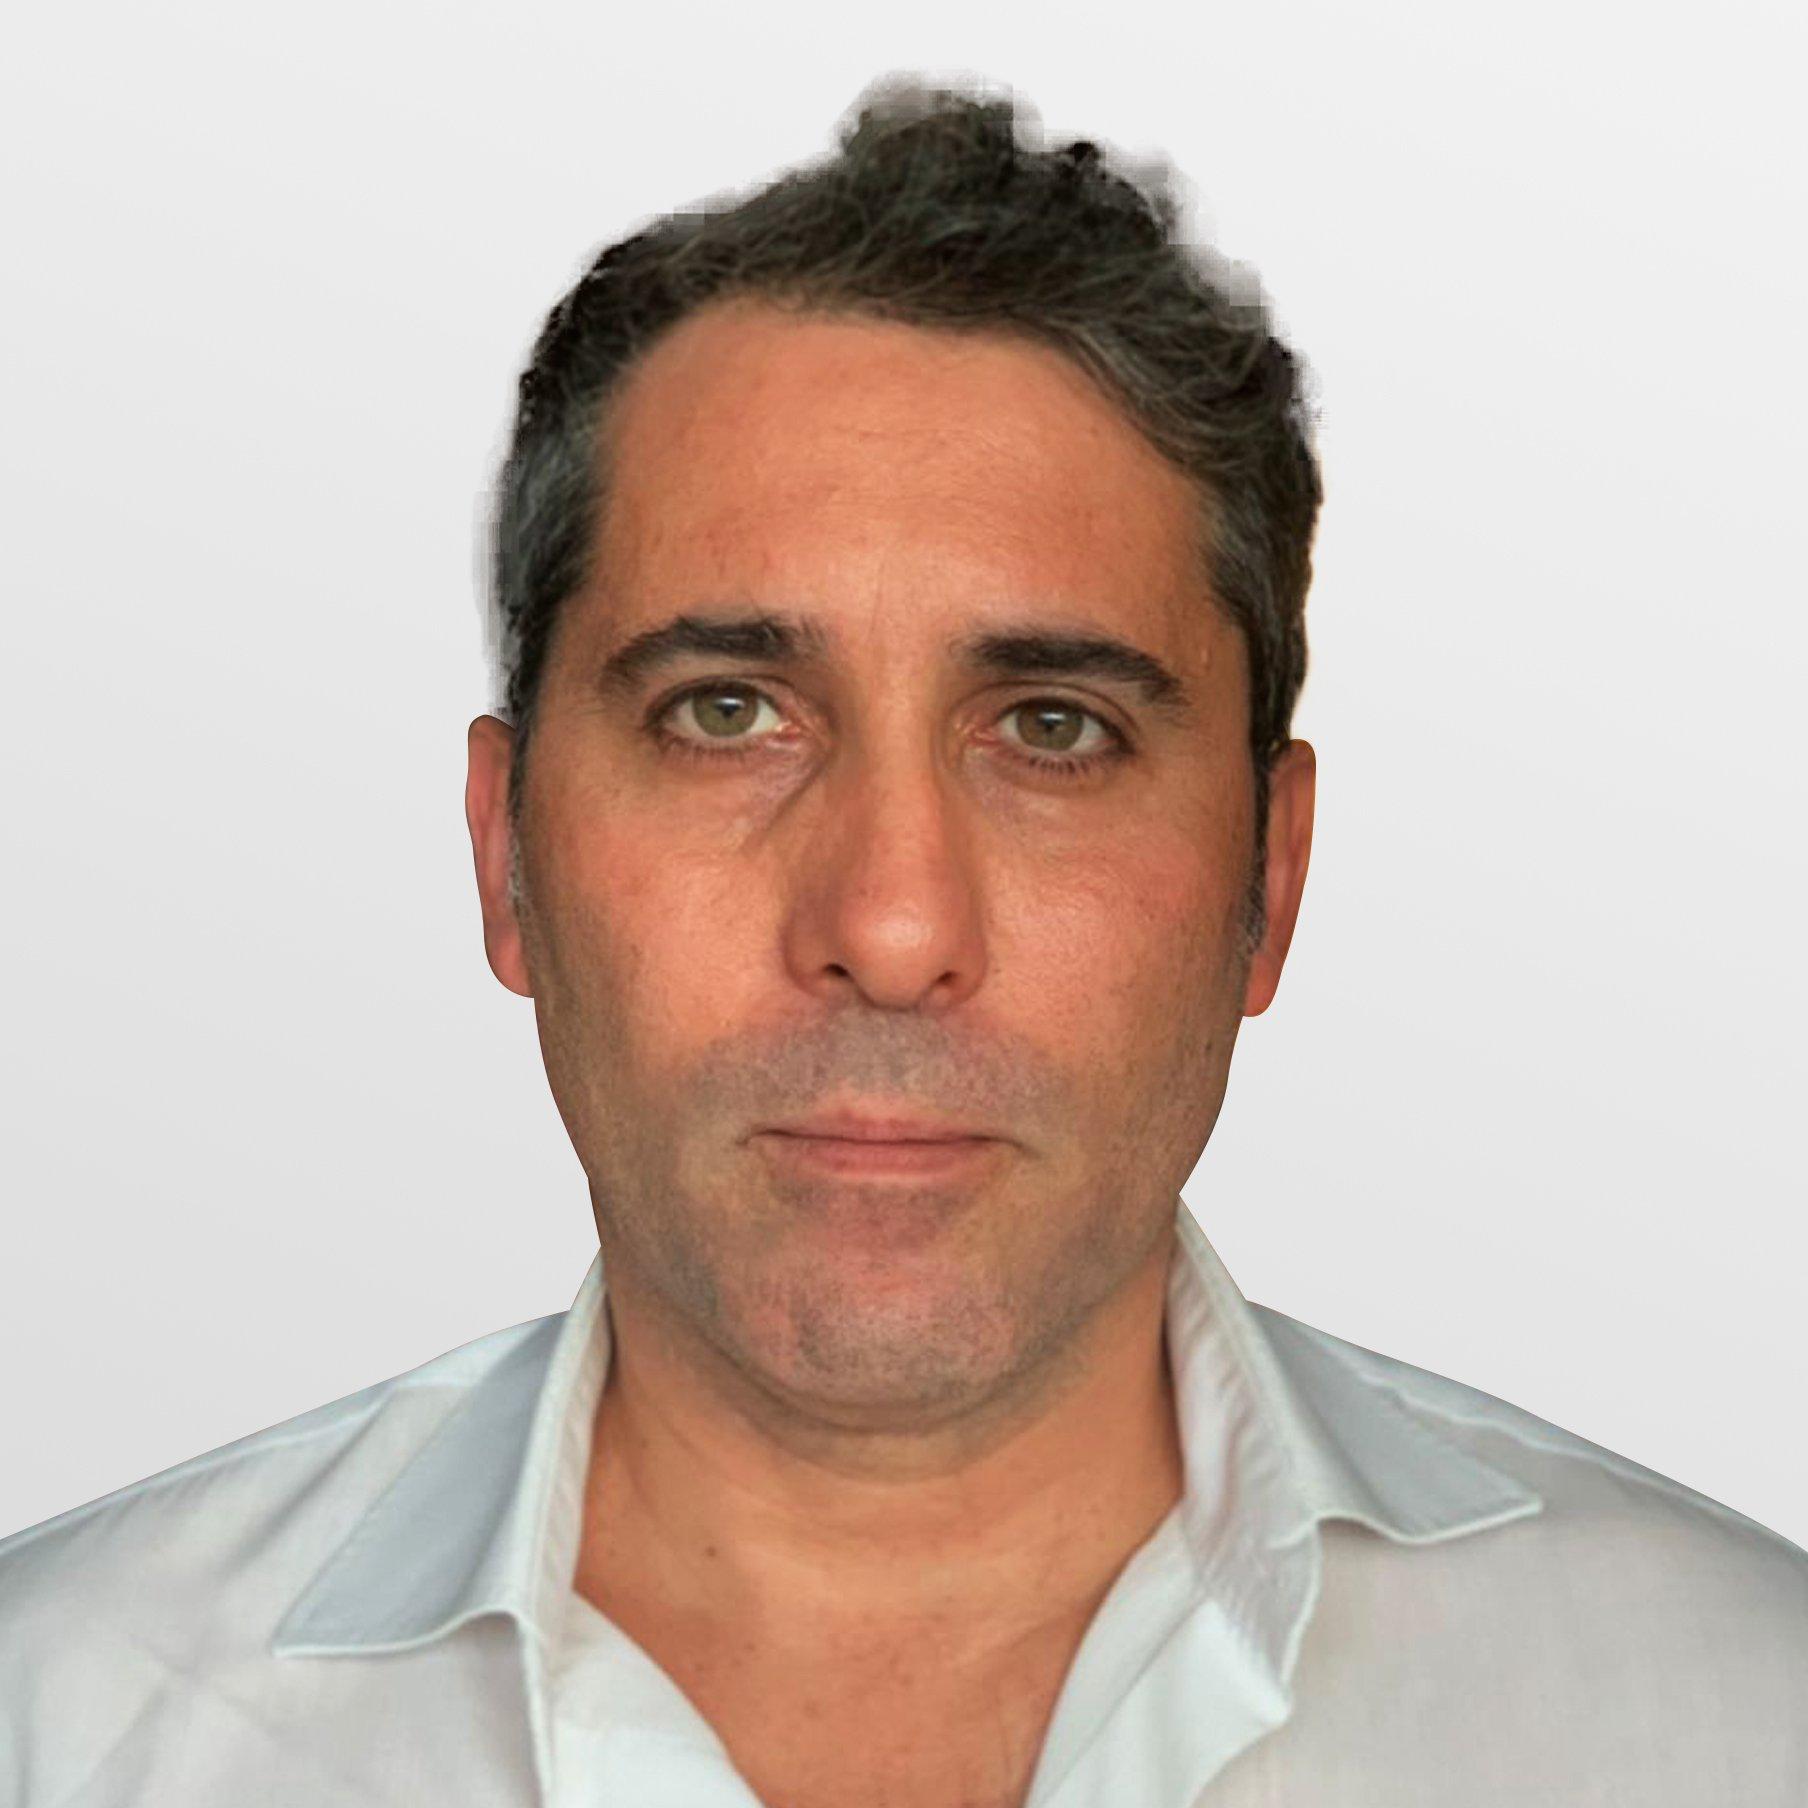 dr-marcello-de-falco-grant-advisor